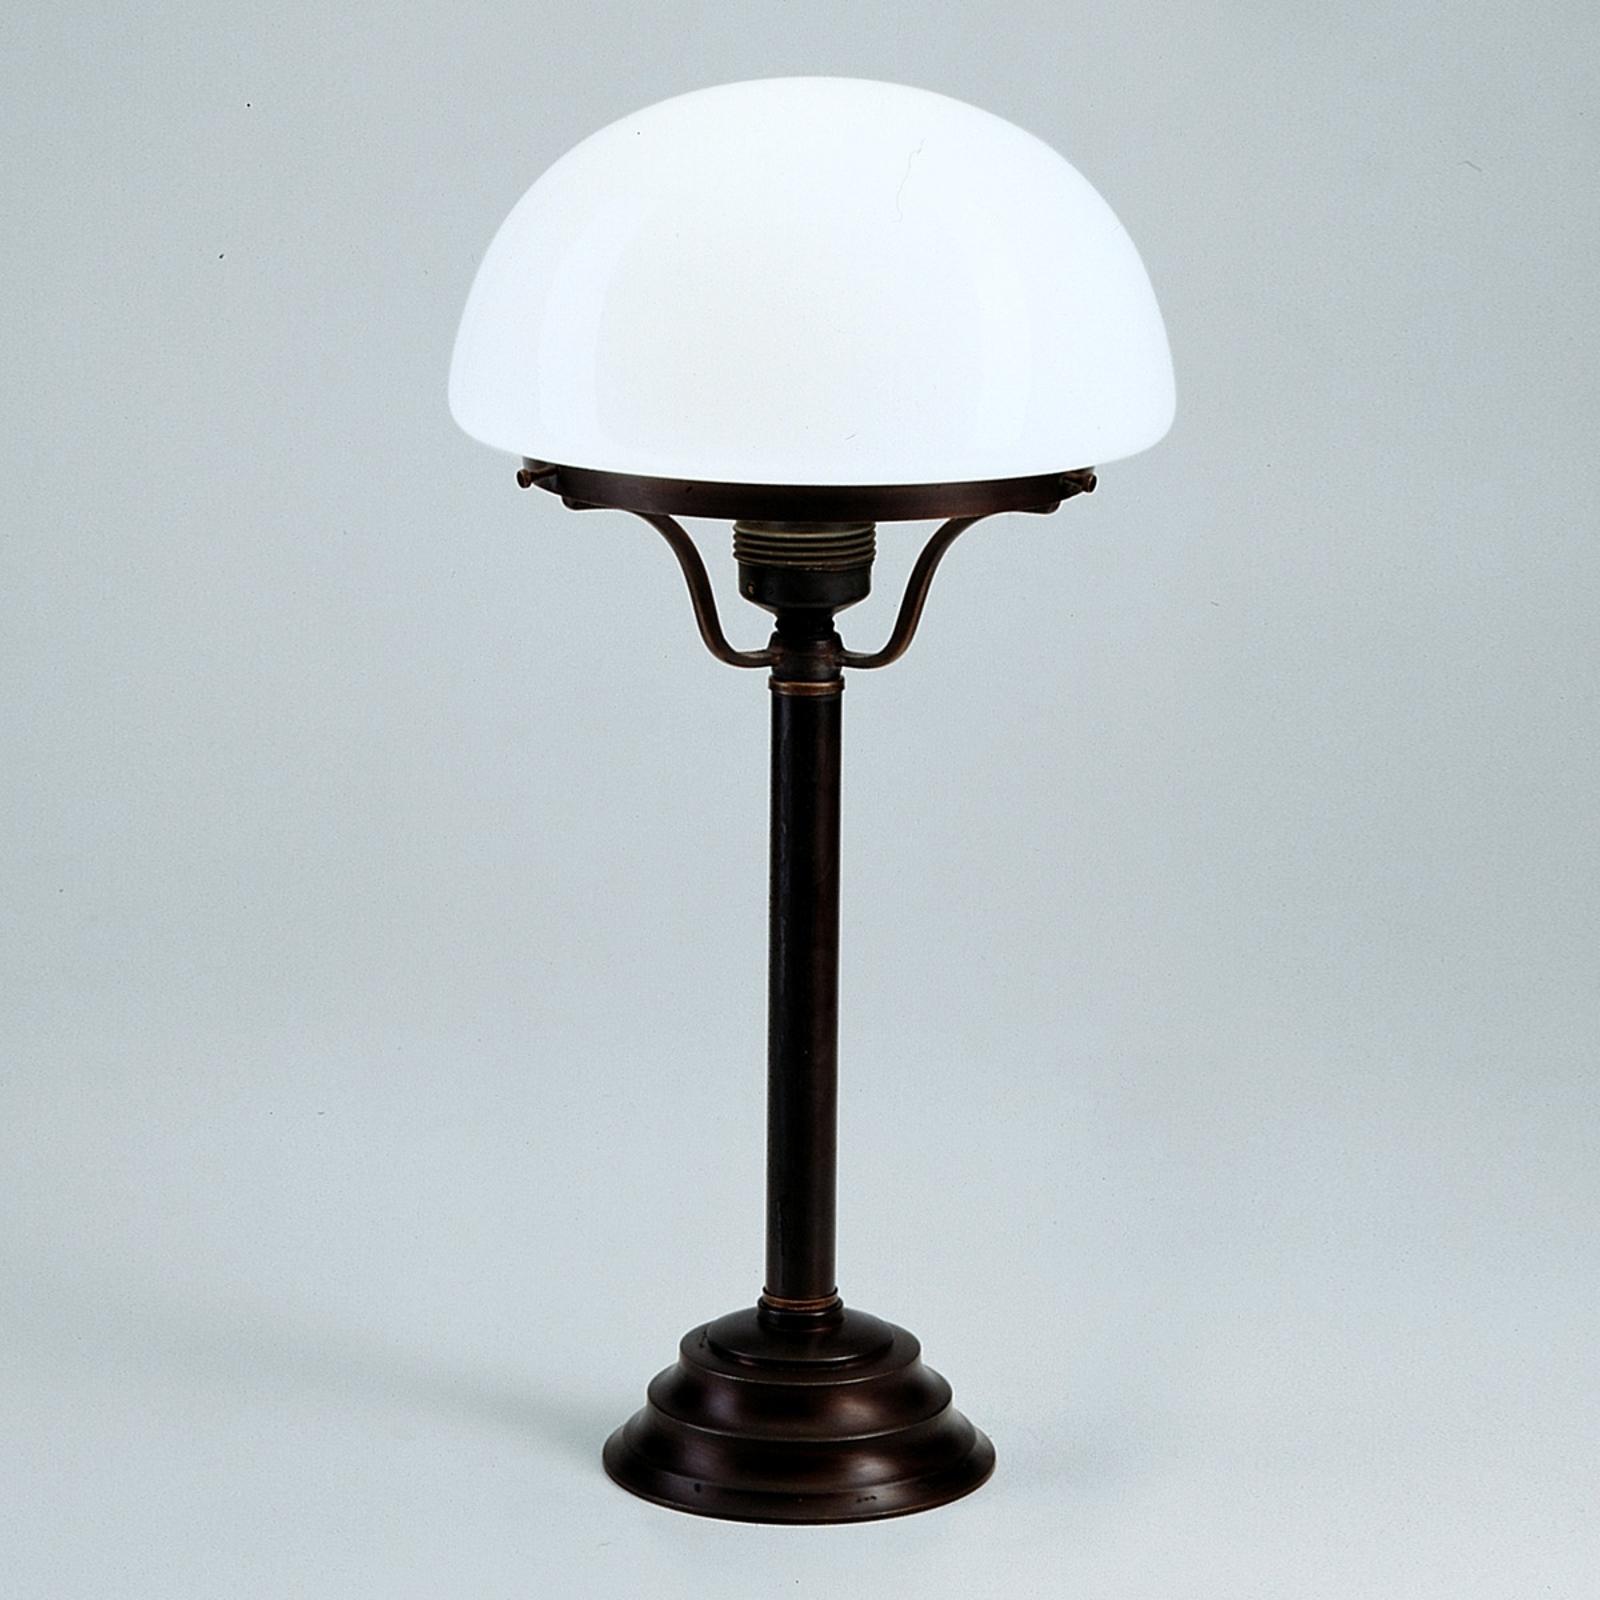 Lampa stołowa Frank antyczno-rustykalny wygląd